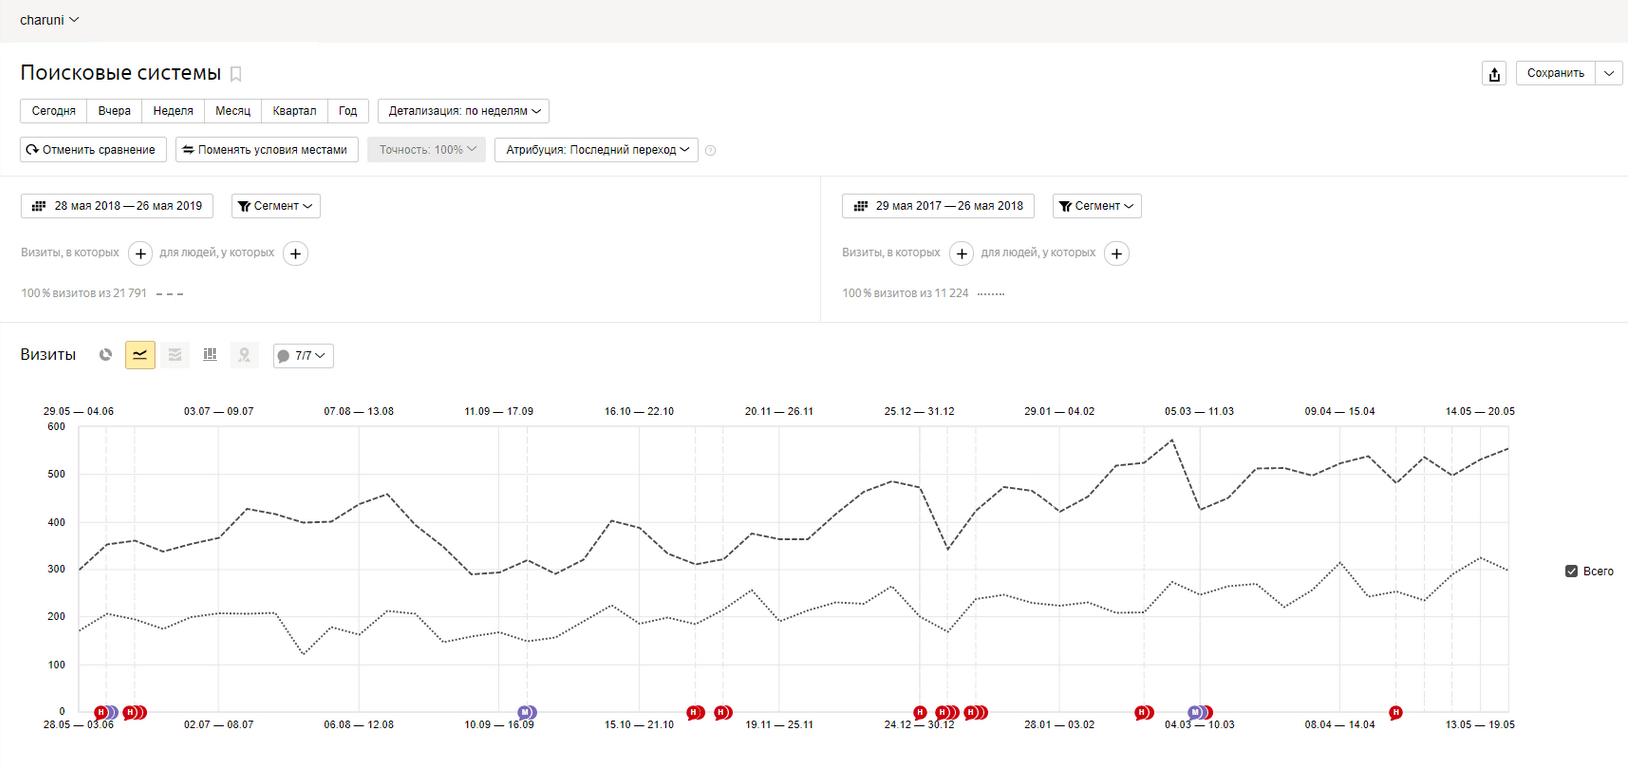 Общий рост переходов с поисковых систем